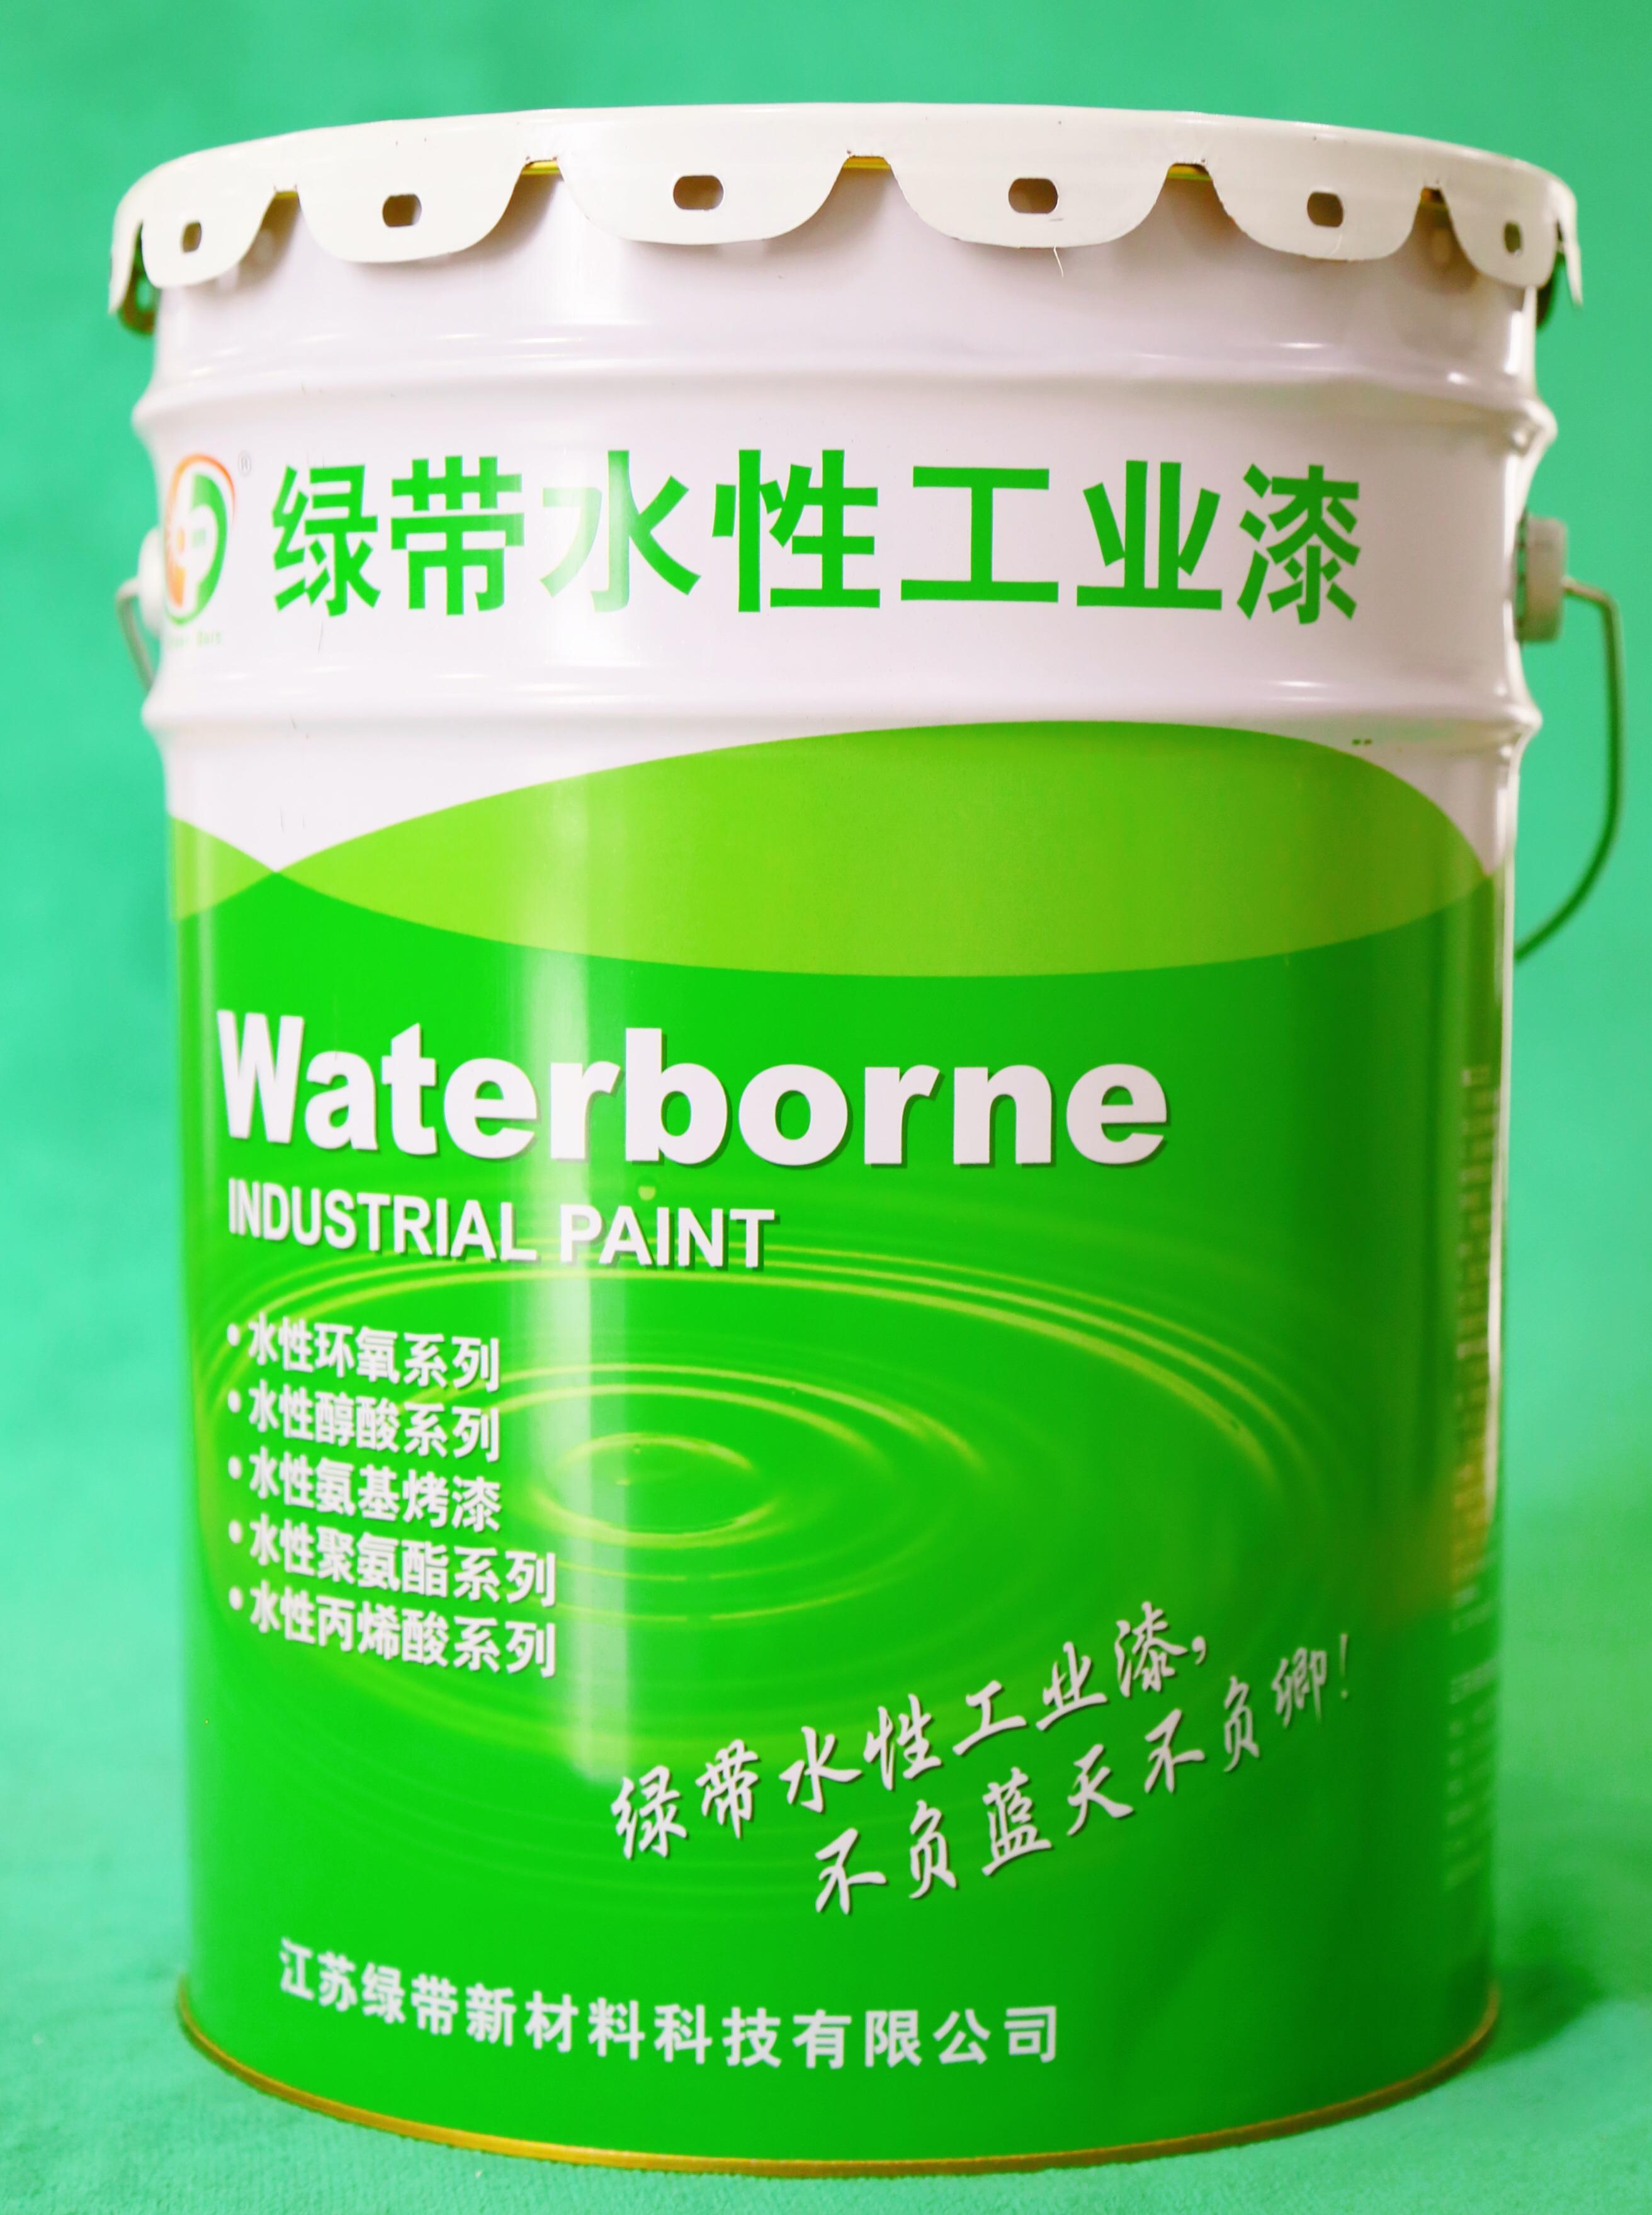 水性丙烯酸底漆水性丙烯酸底漆图片